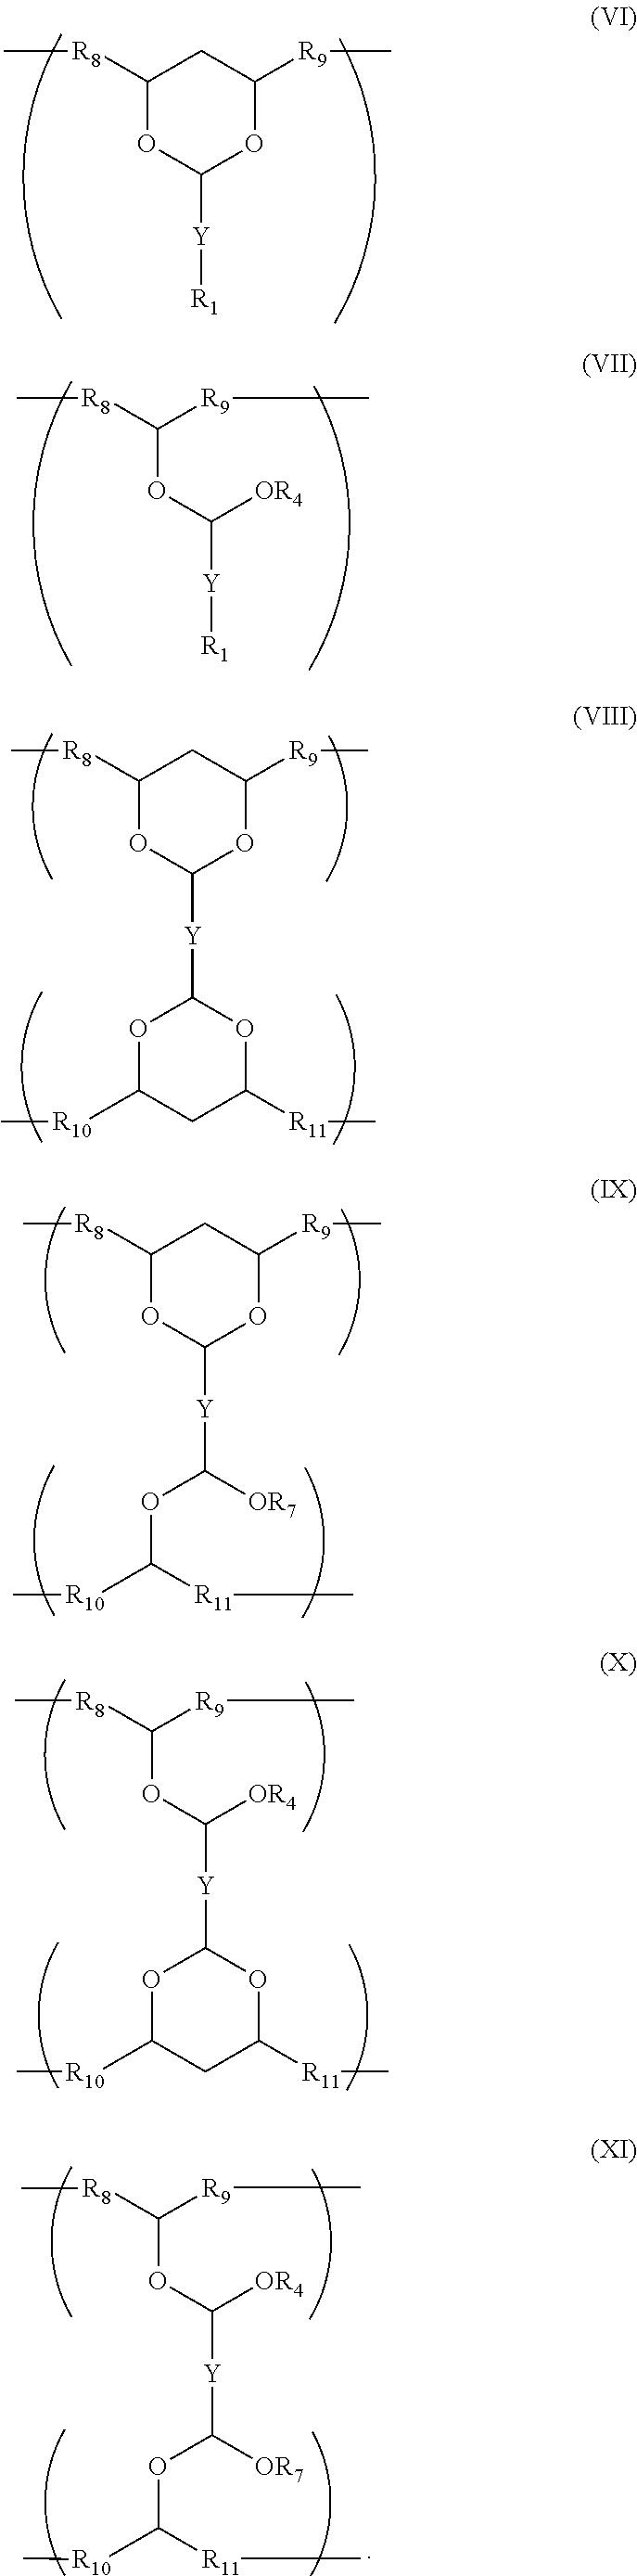 Figure US09884505-20180206-C00019